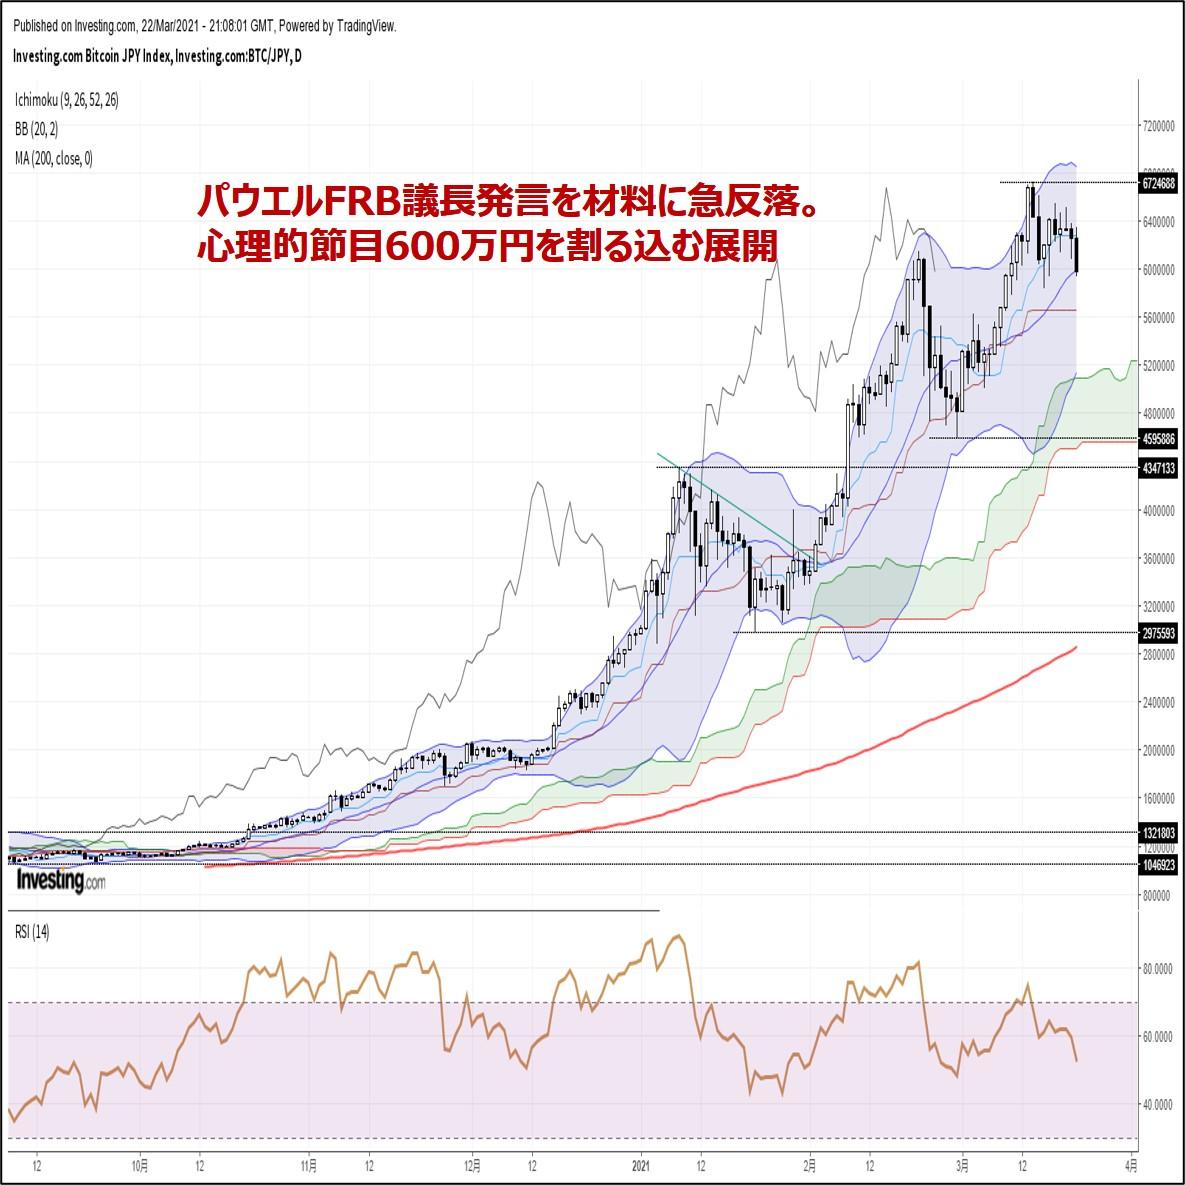 ビットコイン円、パウエルFRB議長発言を材料に急反落。節目600万円割れ